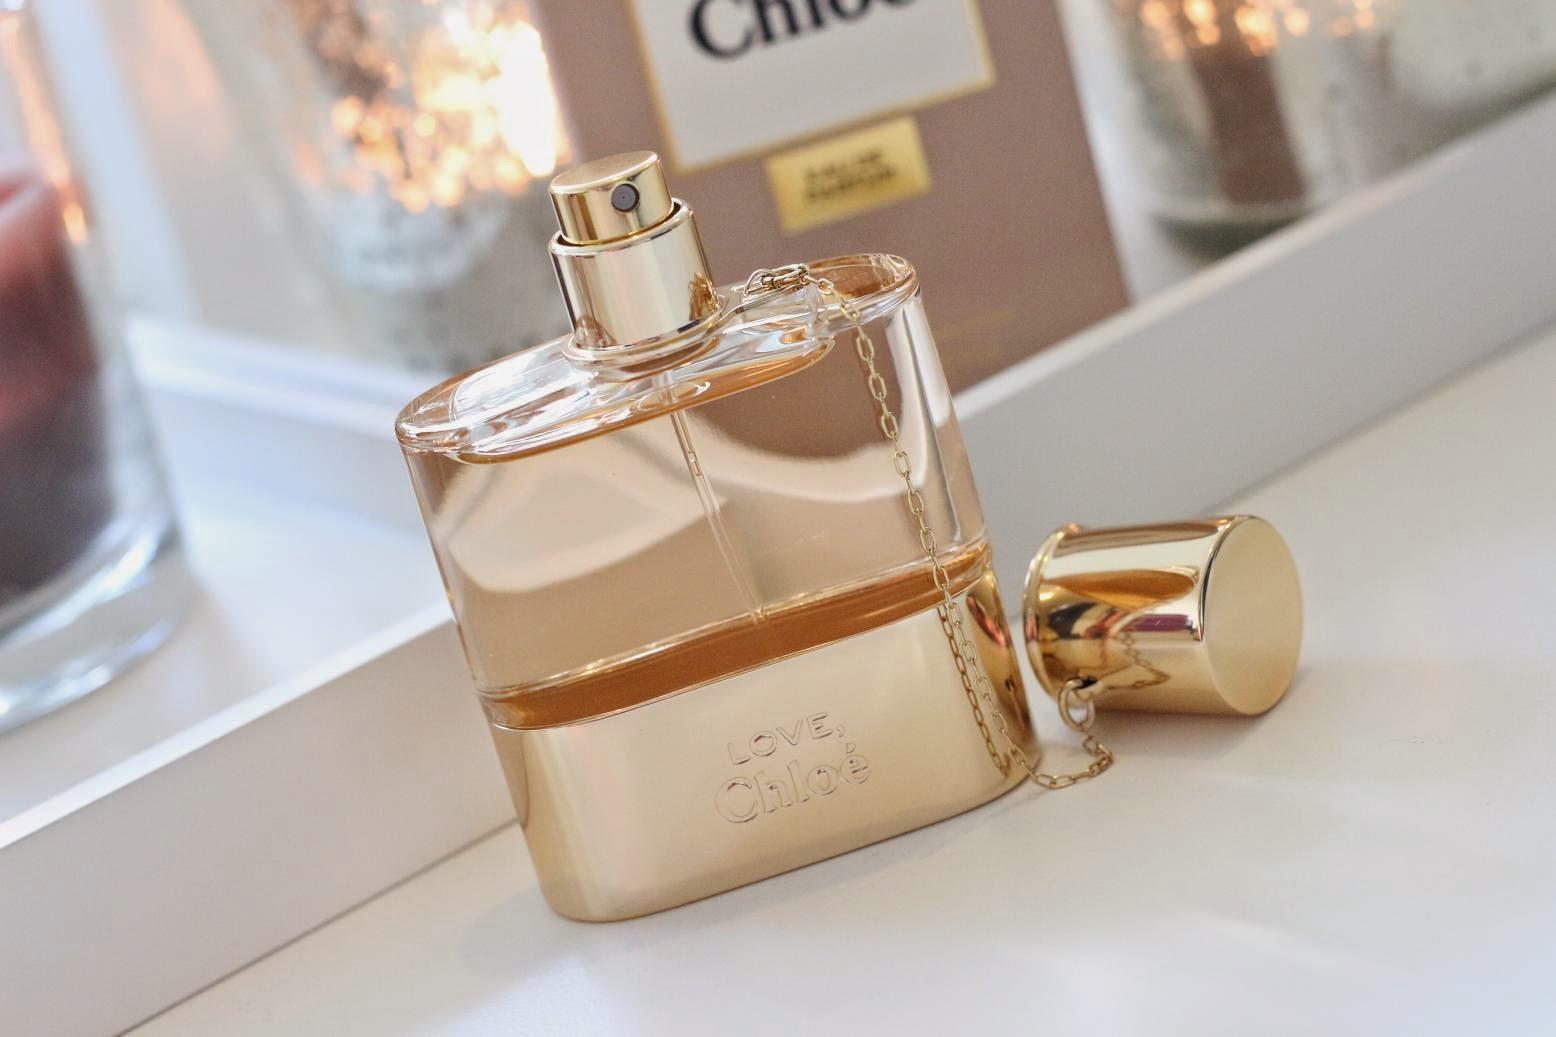 Love, Chloé eau de parfum